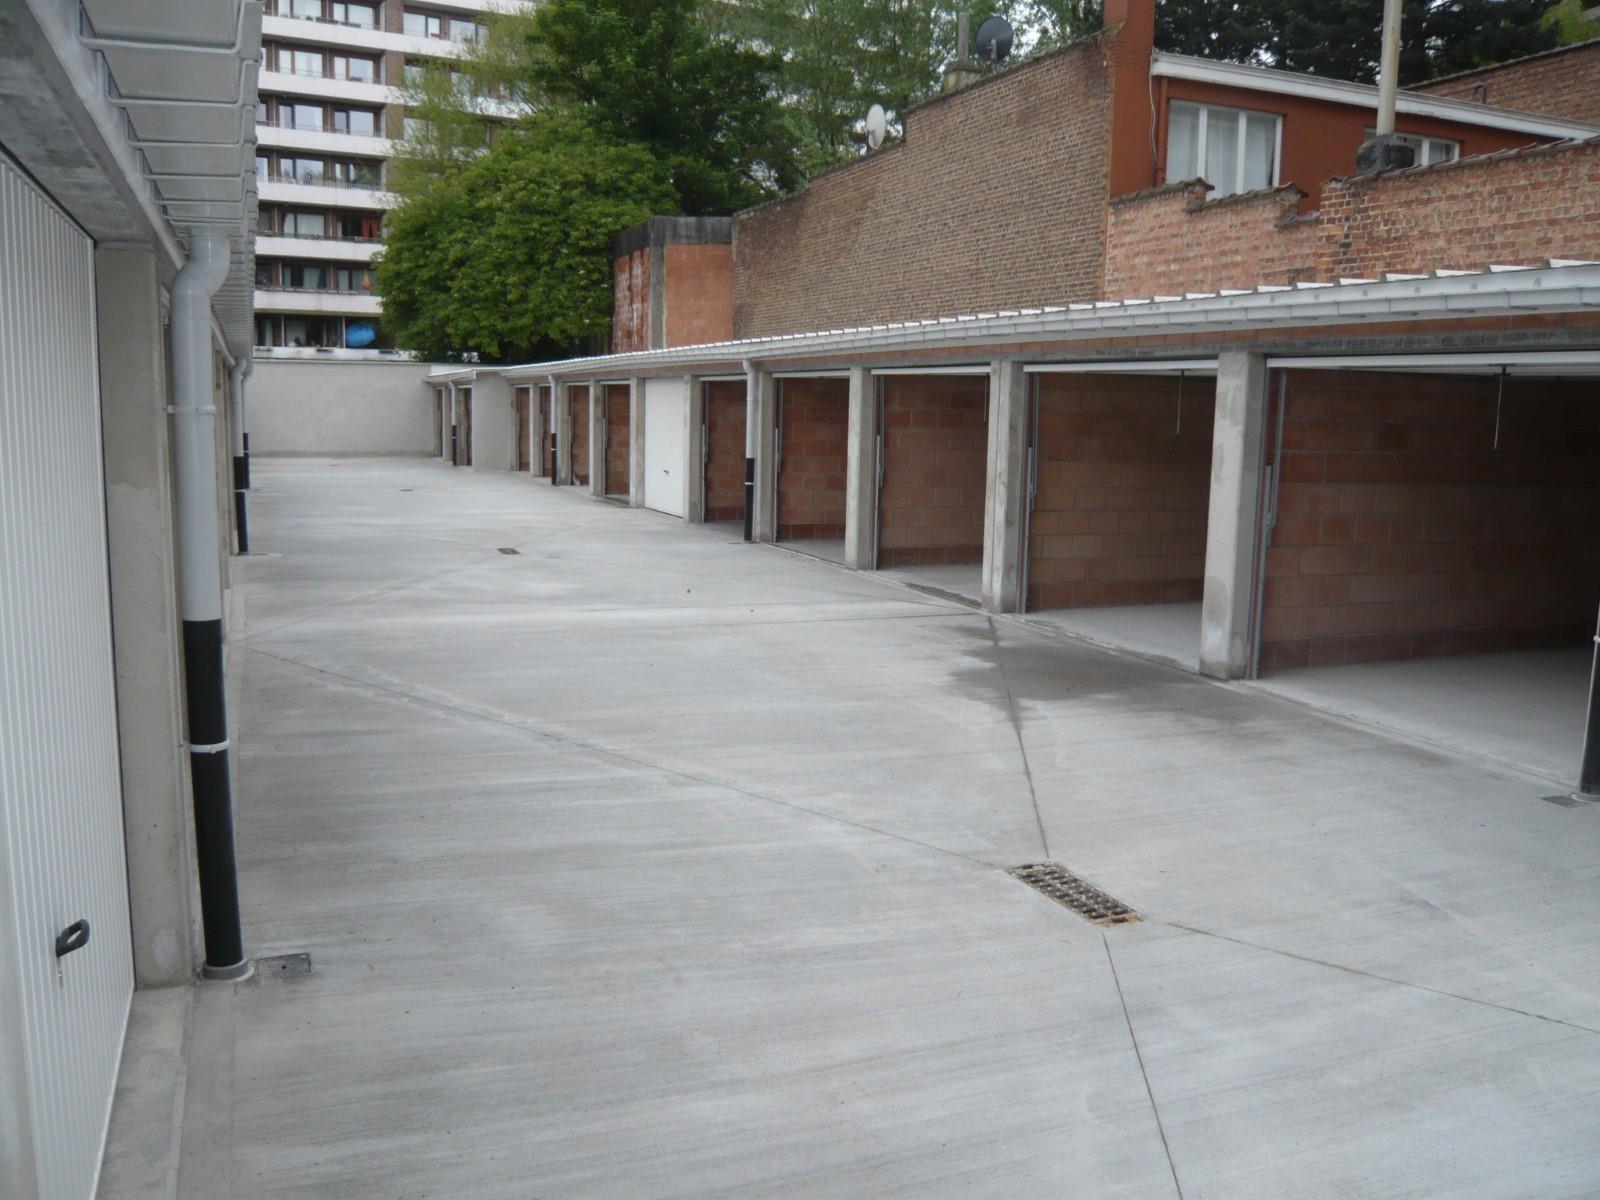 Closed garage - Schaerbeek - #3975304-2